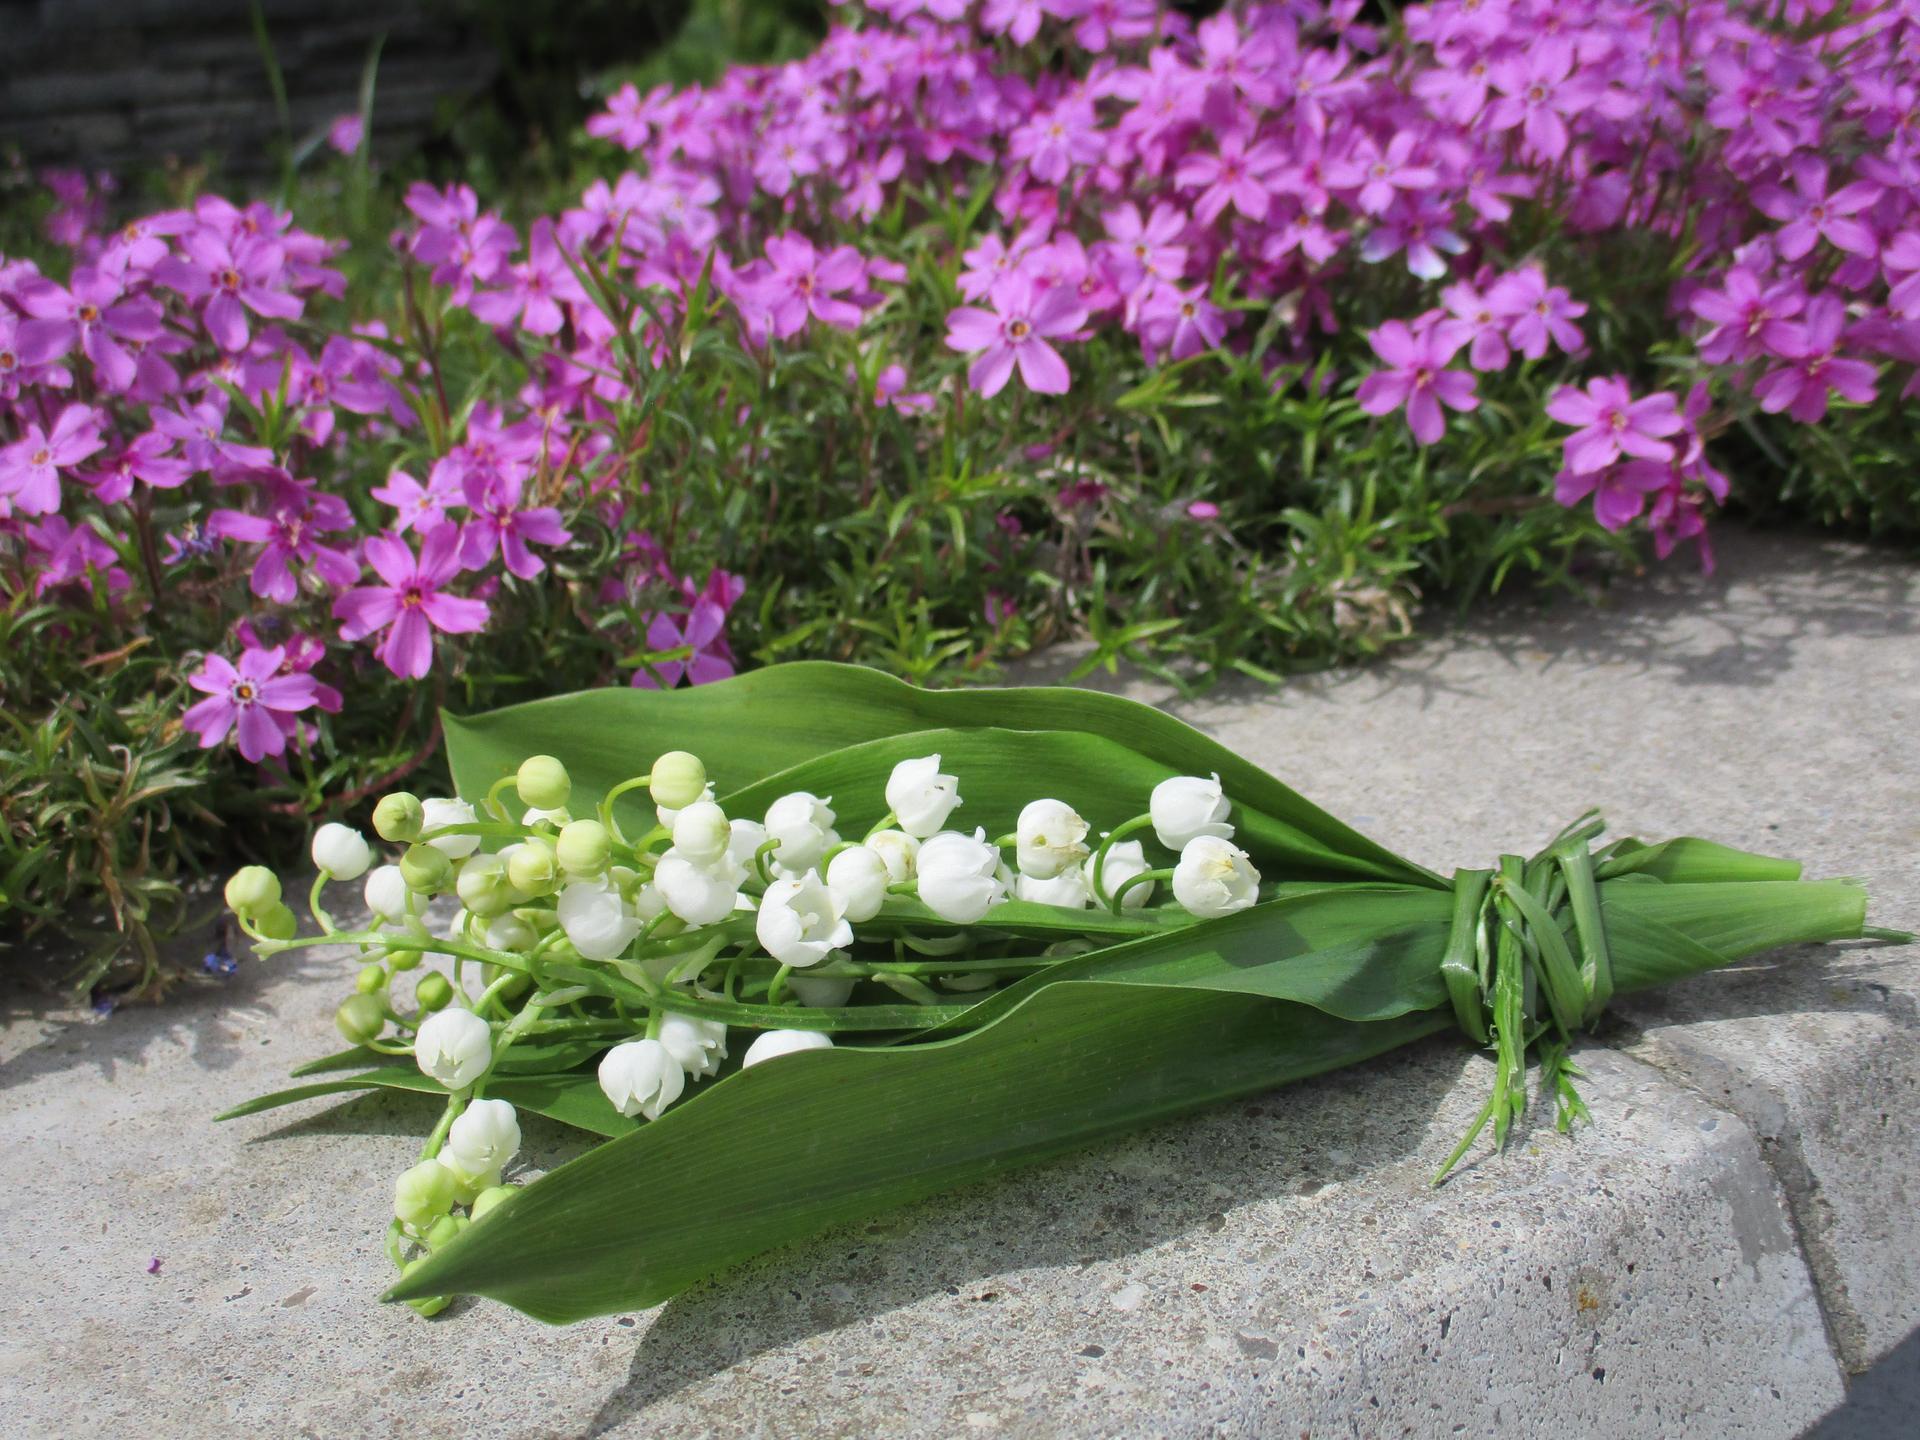 Jar v našej záhrade - Milujem konvalinky a ich úžasnú vôňu :)  Kytička pre všetkých,komu dokážu urobiť radosť :)